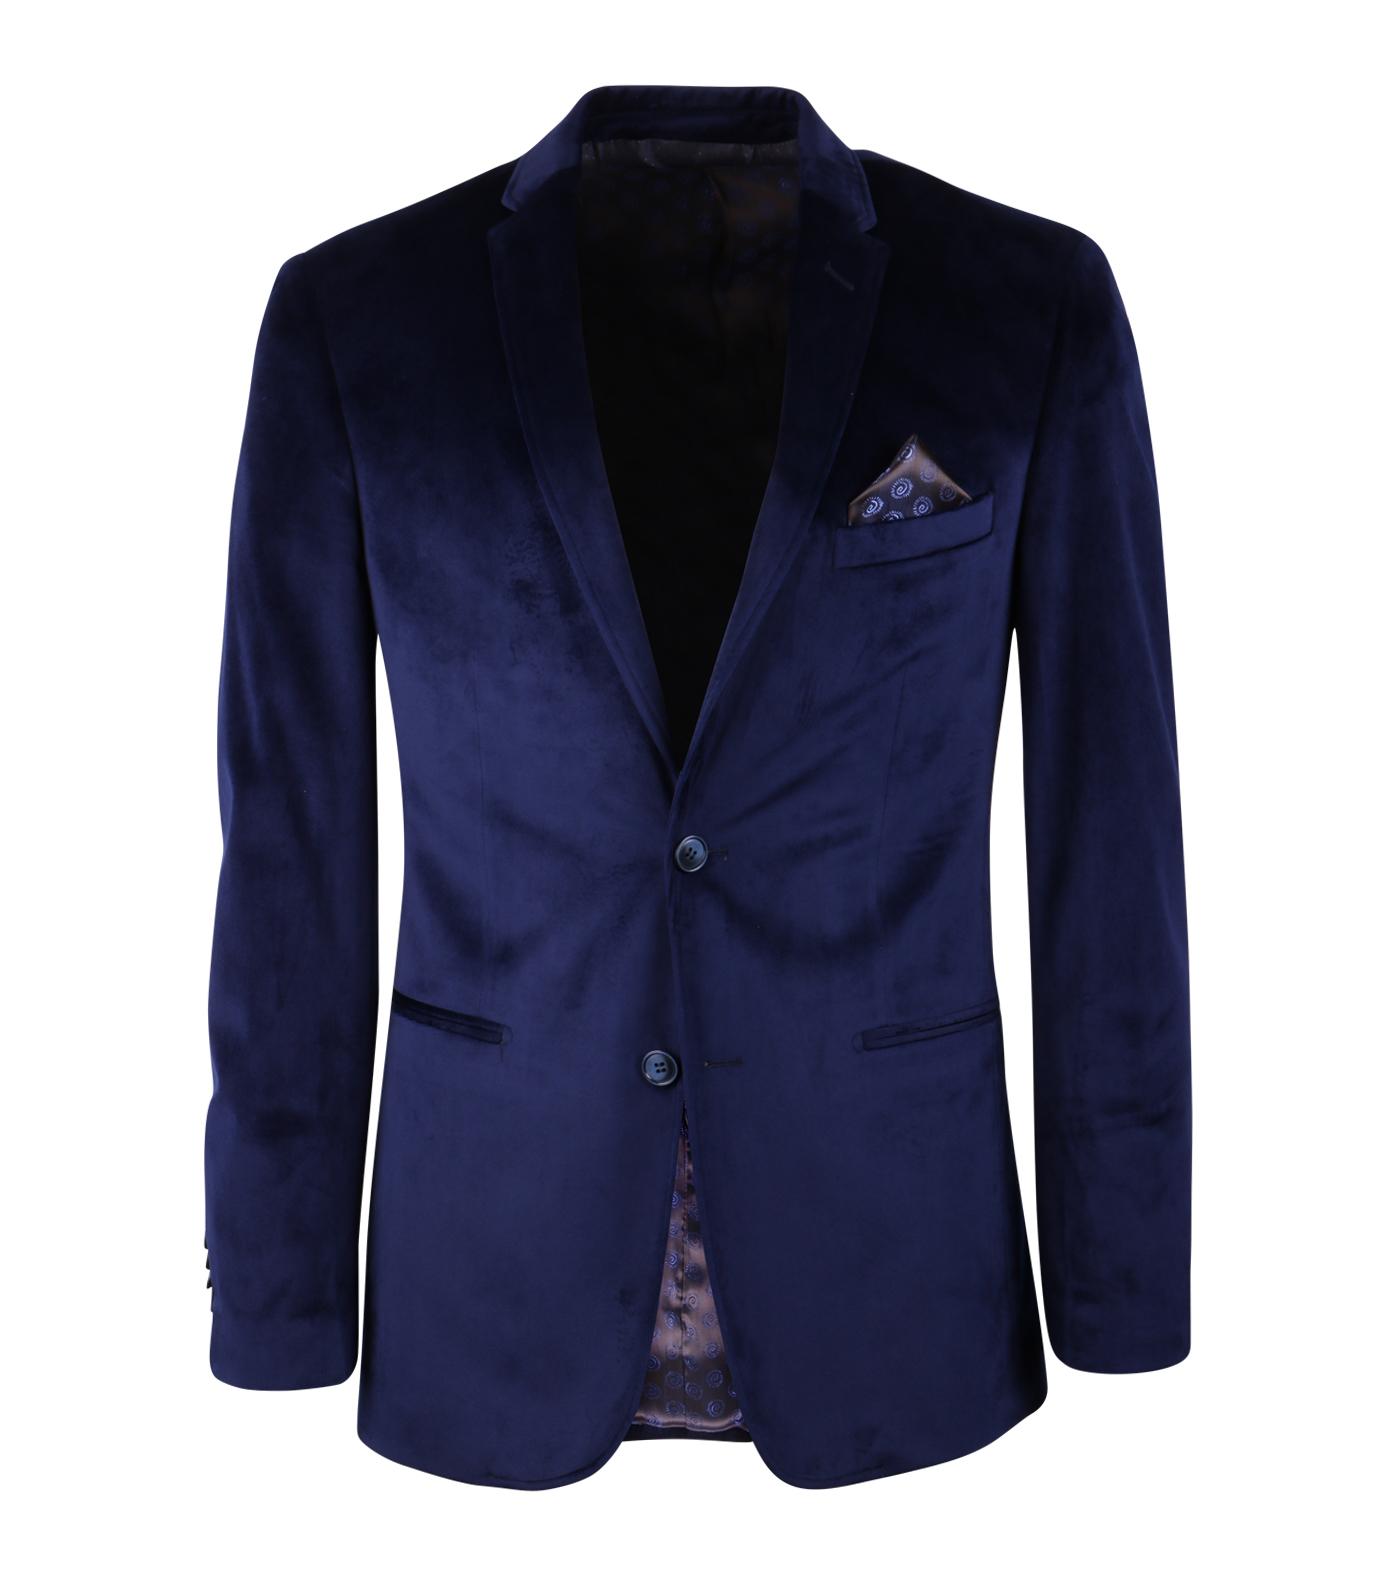 Heren colberts voor iedere gelegenheid. Een colbert kan bij iedere gelegenheid gedragen worden en is daarmee zowel een onderdeel van uw (business) kostuum als van uw 'gewone' kleding.